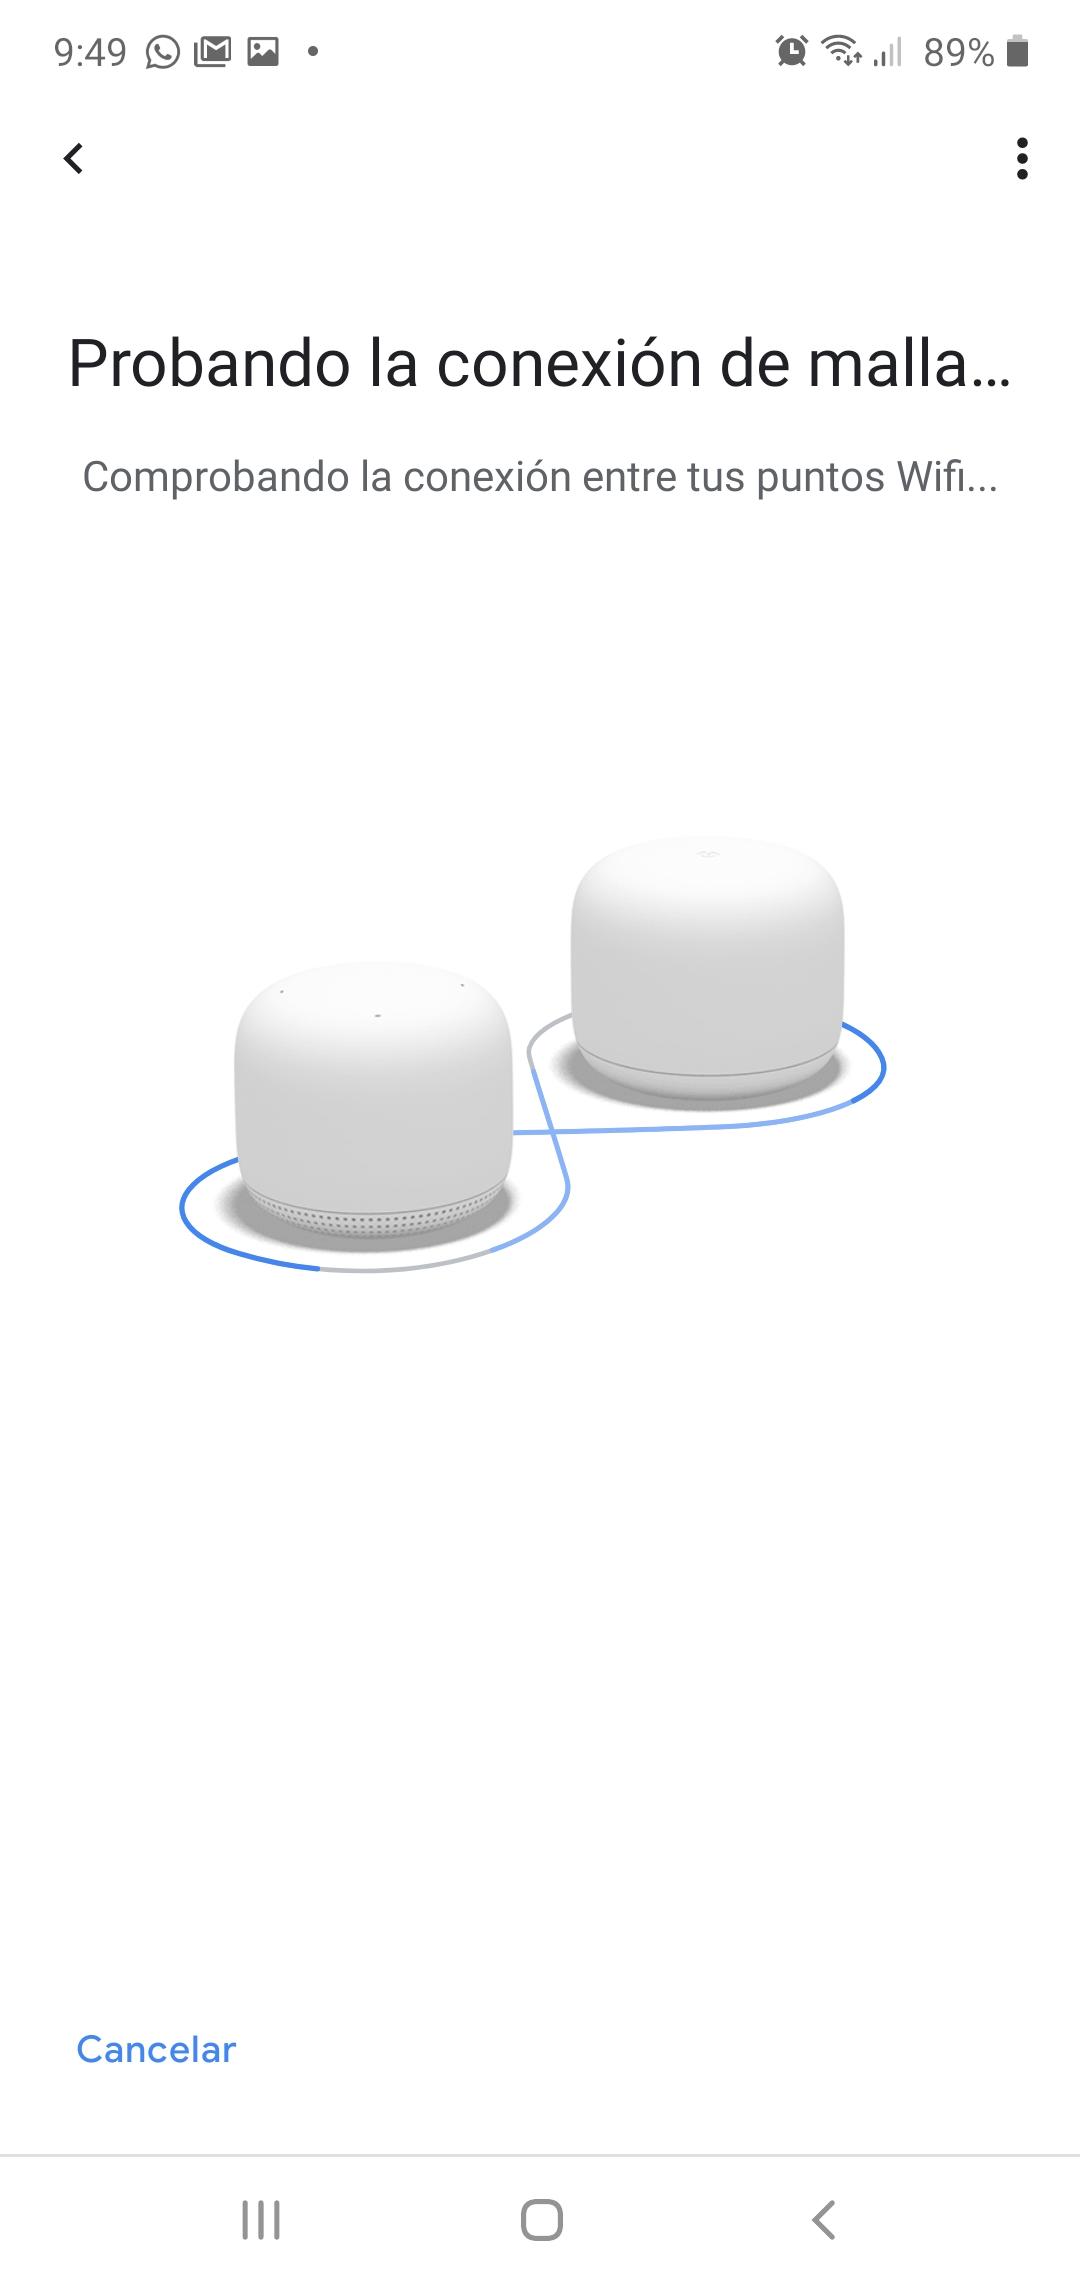 Google Nest Wifi, análisis: estilo y conectividad en casa 52